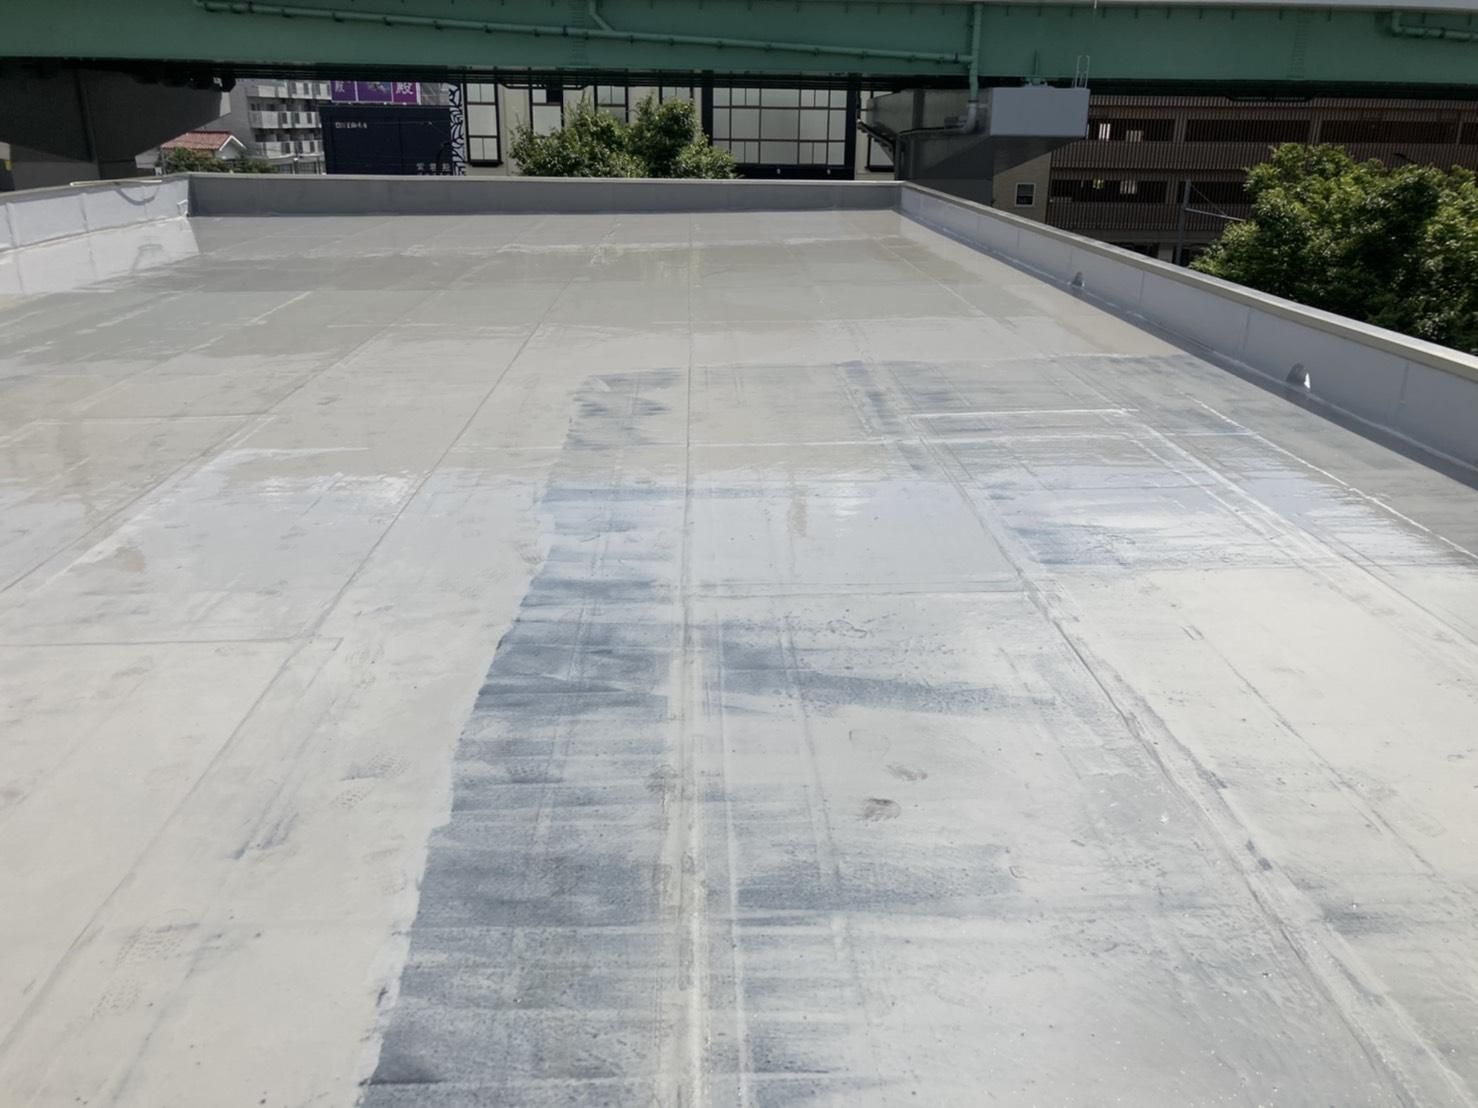 ベランダや屋上の防水工事依頼をご検討中の方必見!